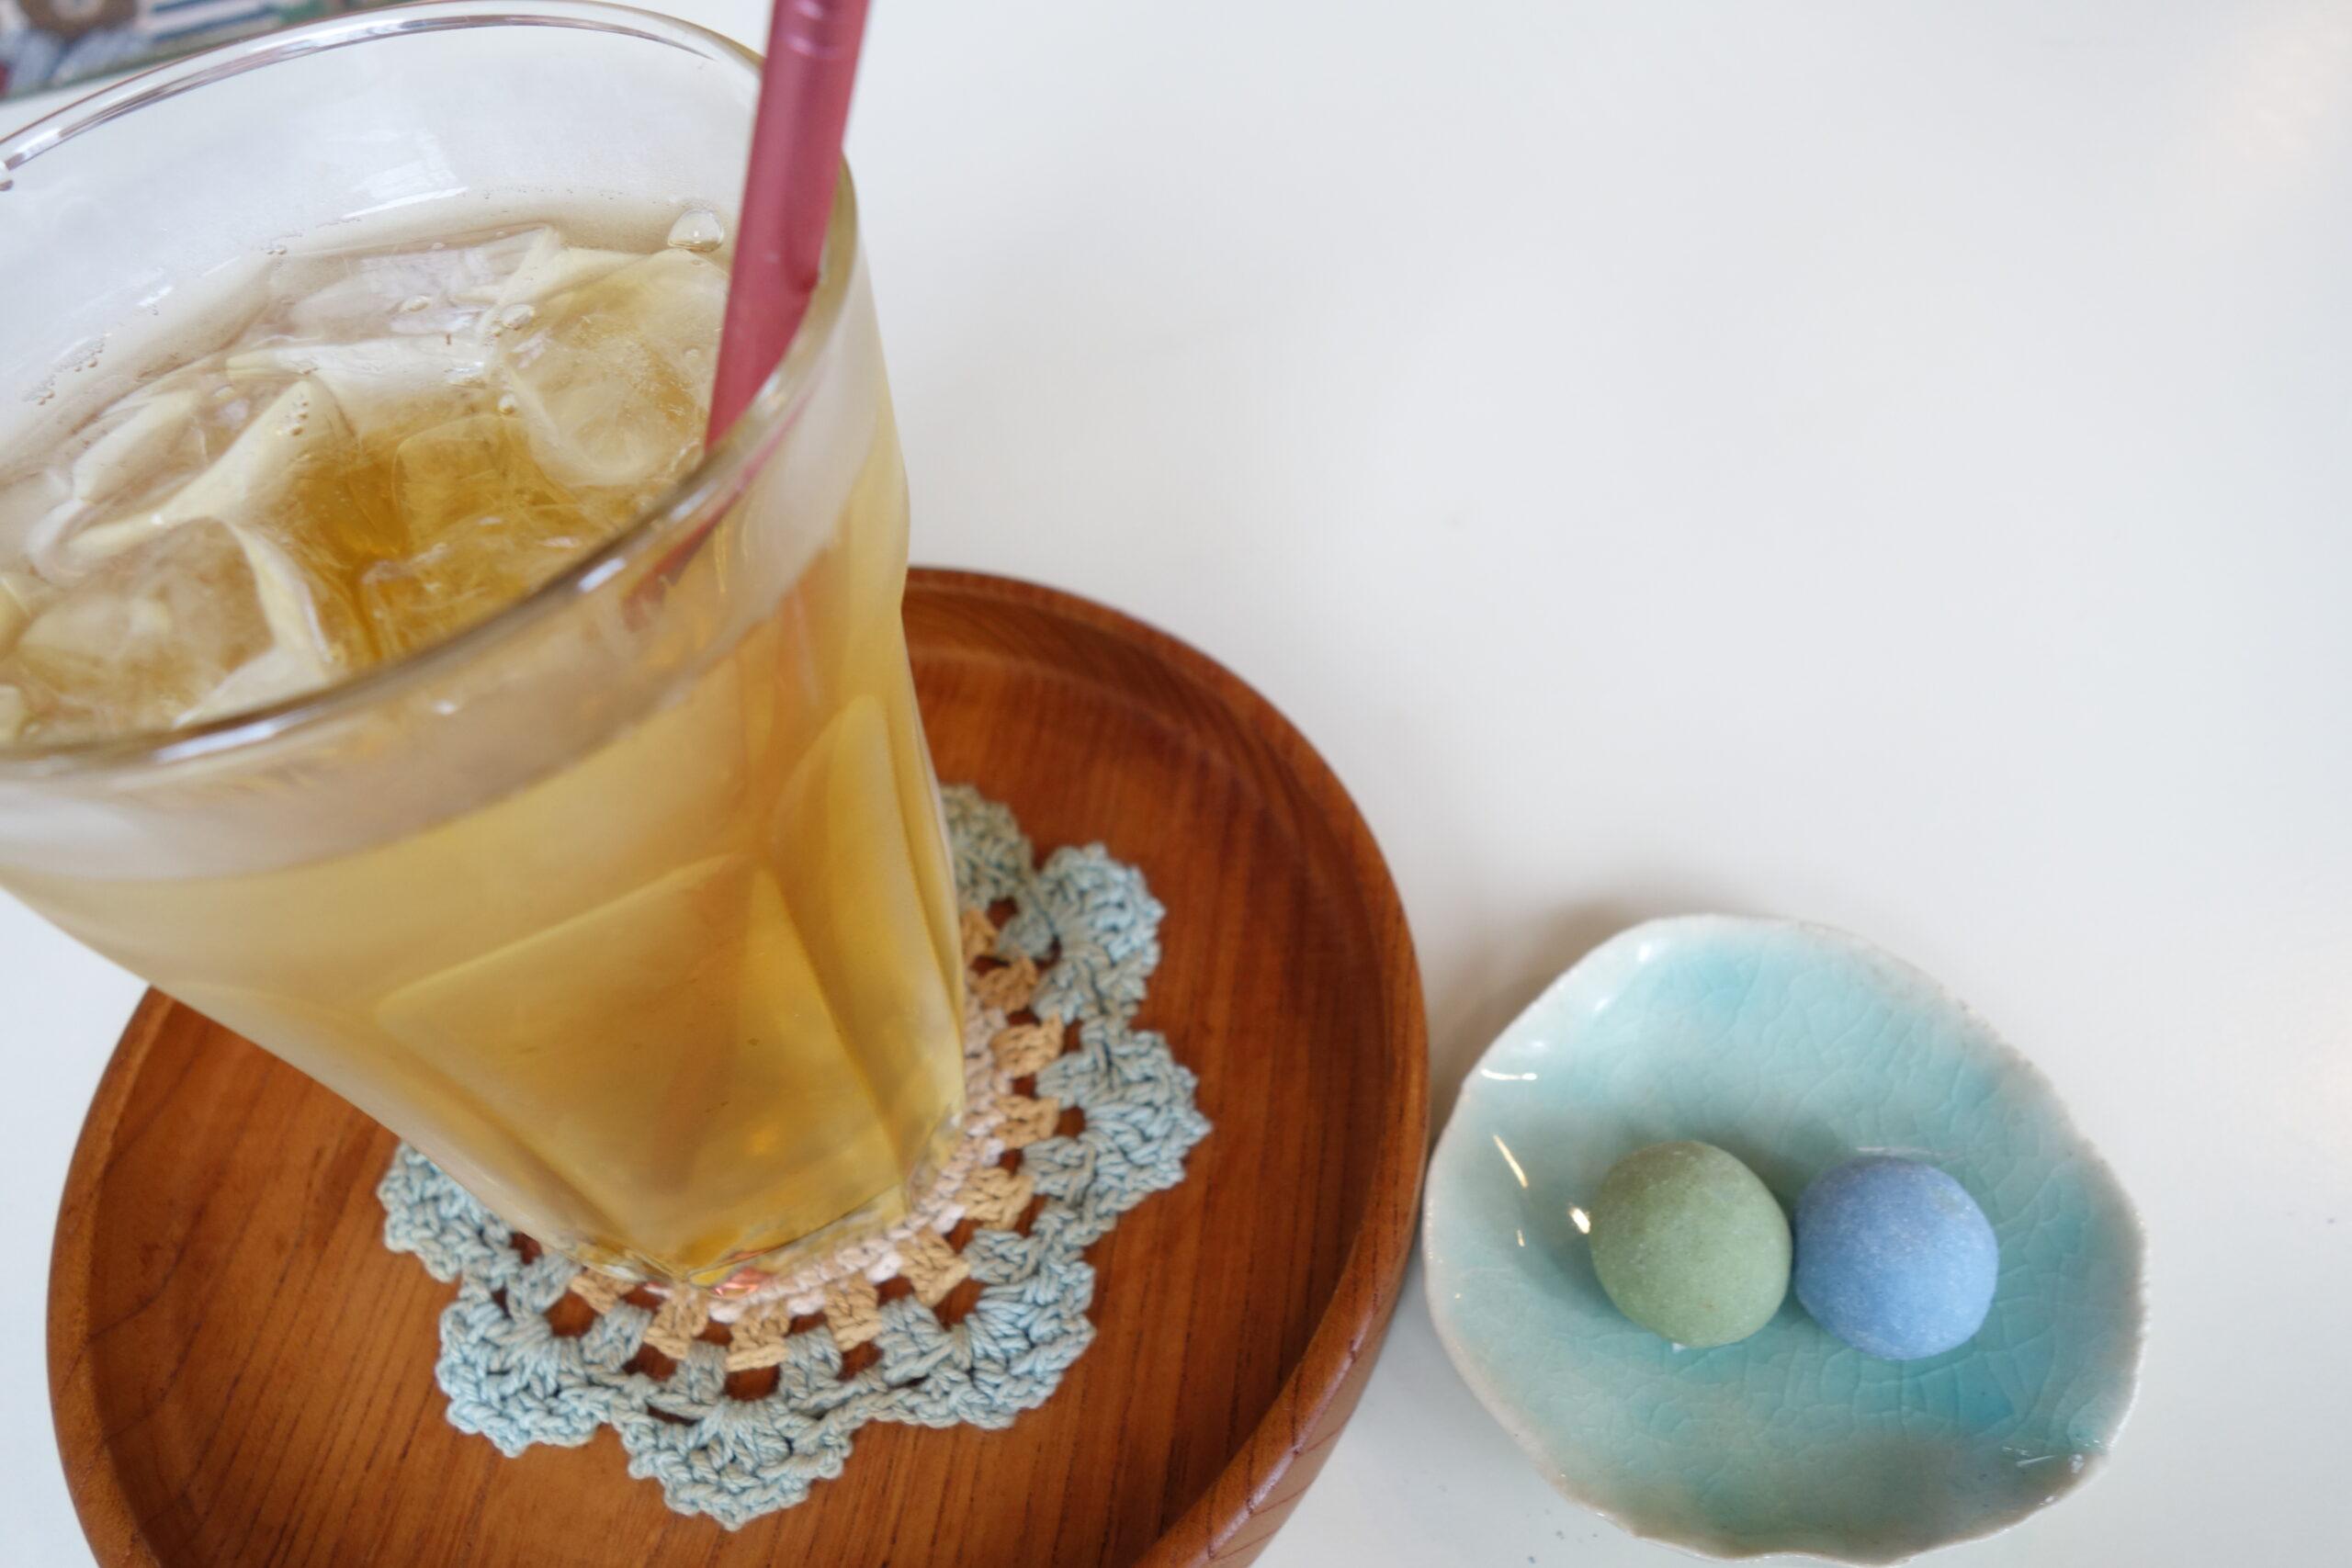 【 紅茶のとびら 】占い好きが集う?氷見の紅茶のお店にドキドキしながら行ってみた